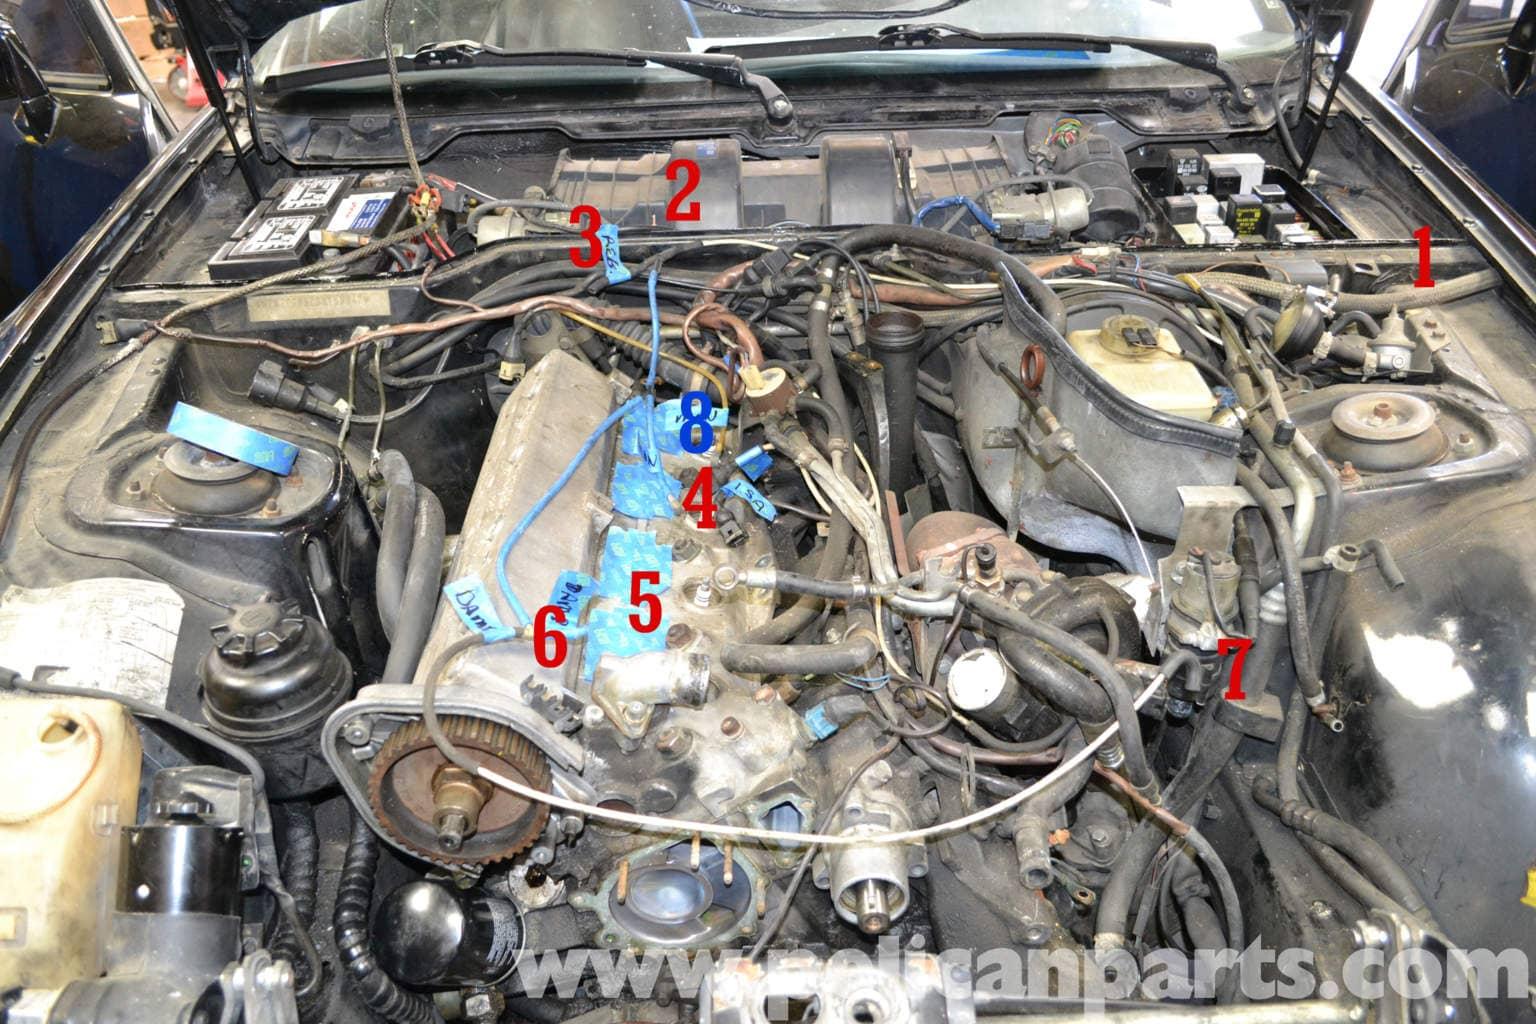 kohler single cylinder engine service manual for engine models k91 k141 k161 k181 k241 k301 k321 k341